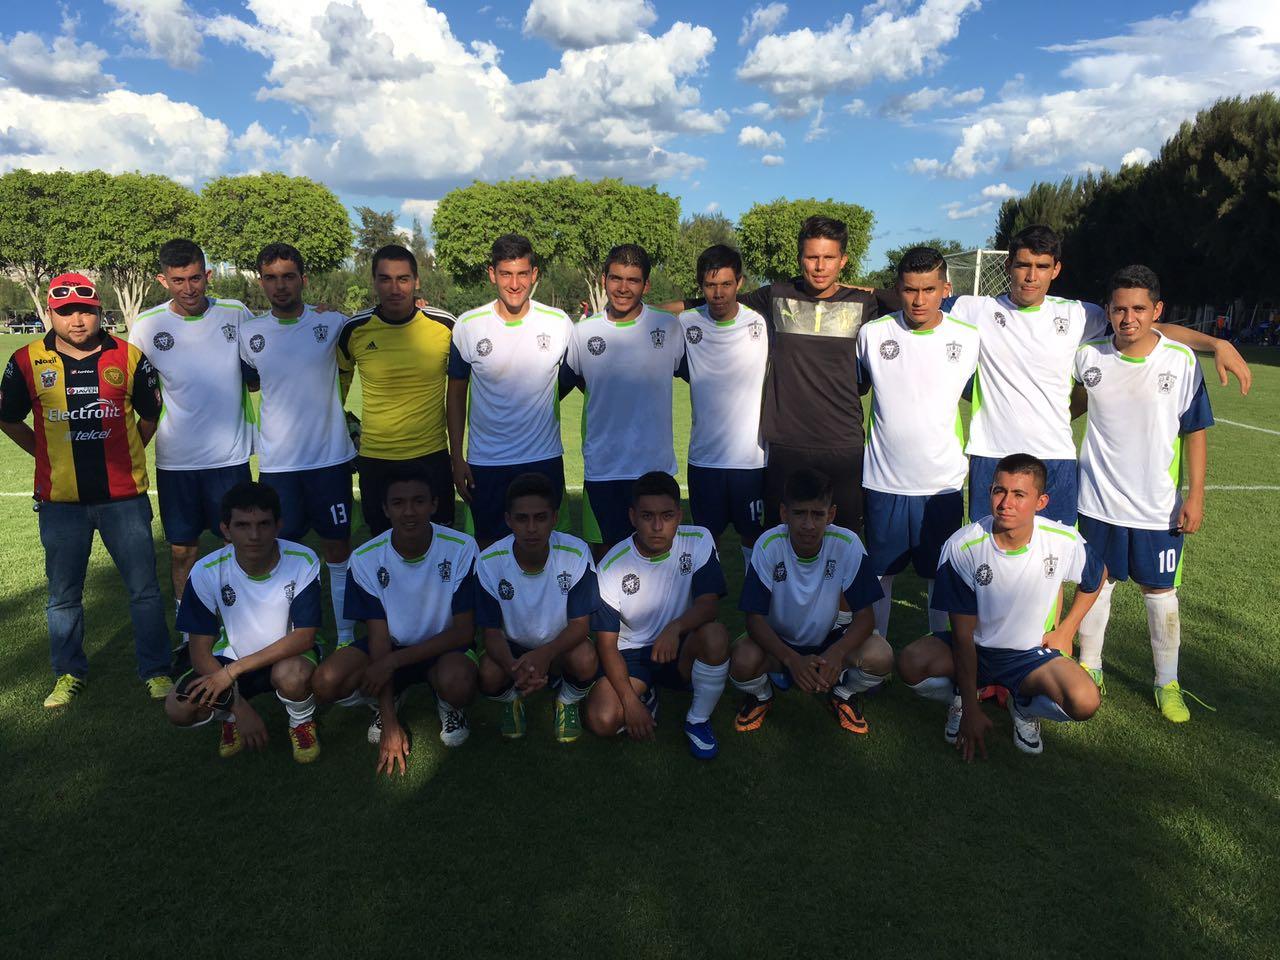 Los dieciseis integrantes de la selección varonil de futbol y su entrenador